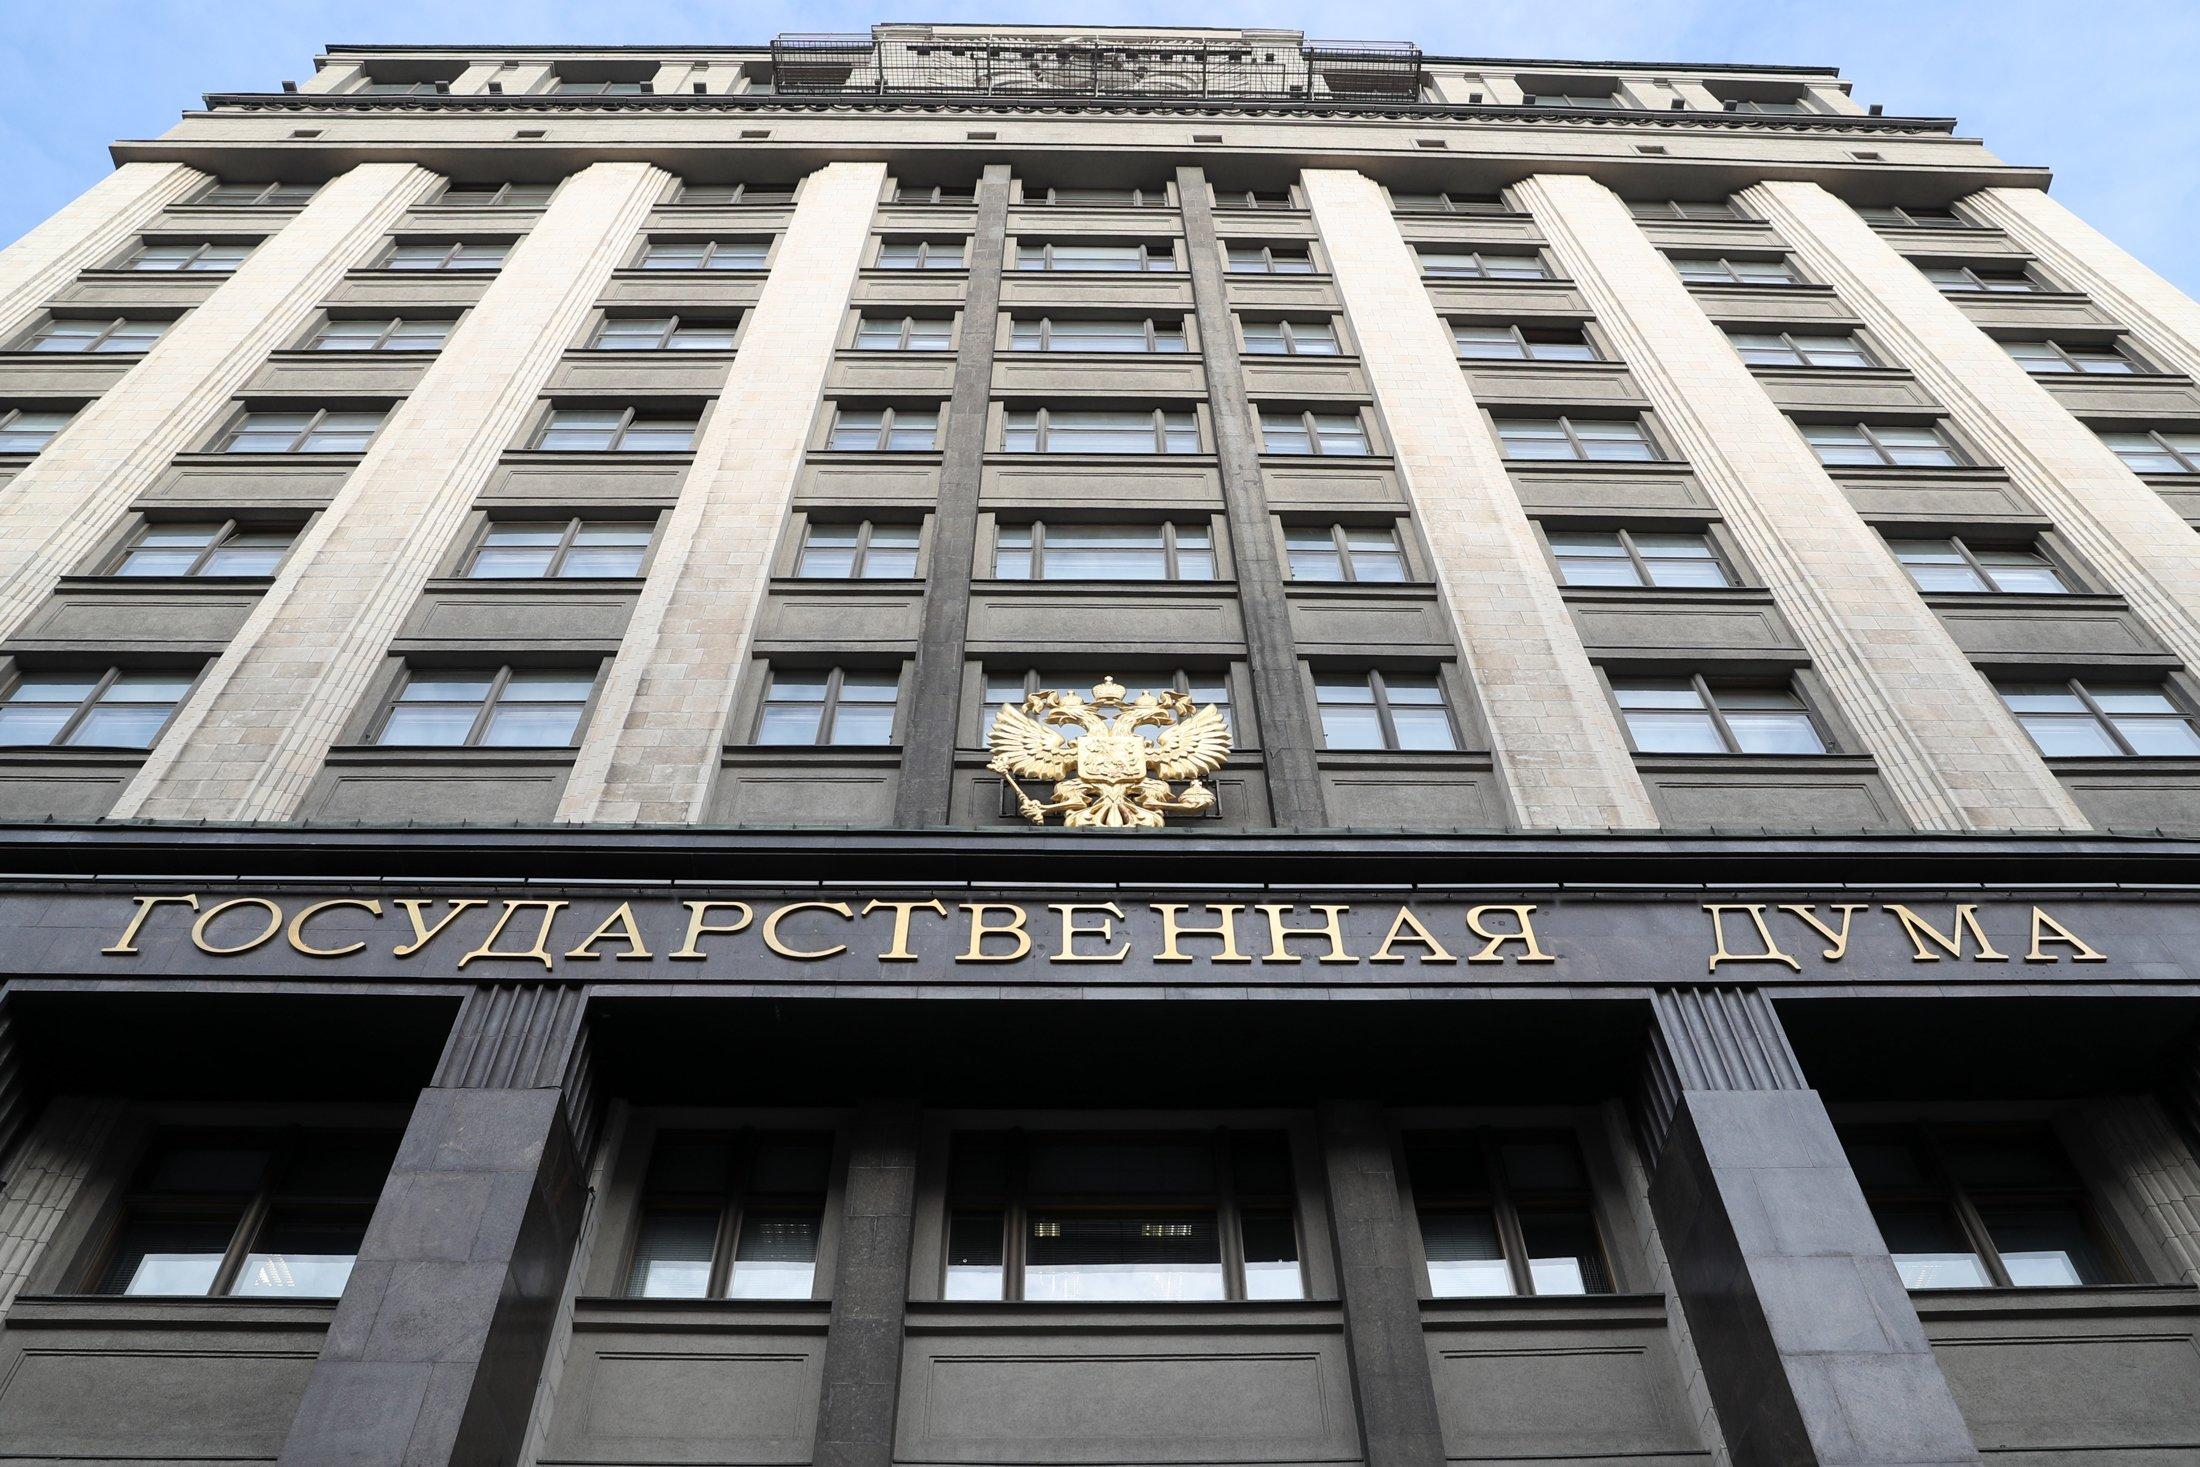 На картинке изображено Здание Государственной Думы России Государственная Дума РФ рассмотрит проект о запрете списания социальных выплат за долги